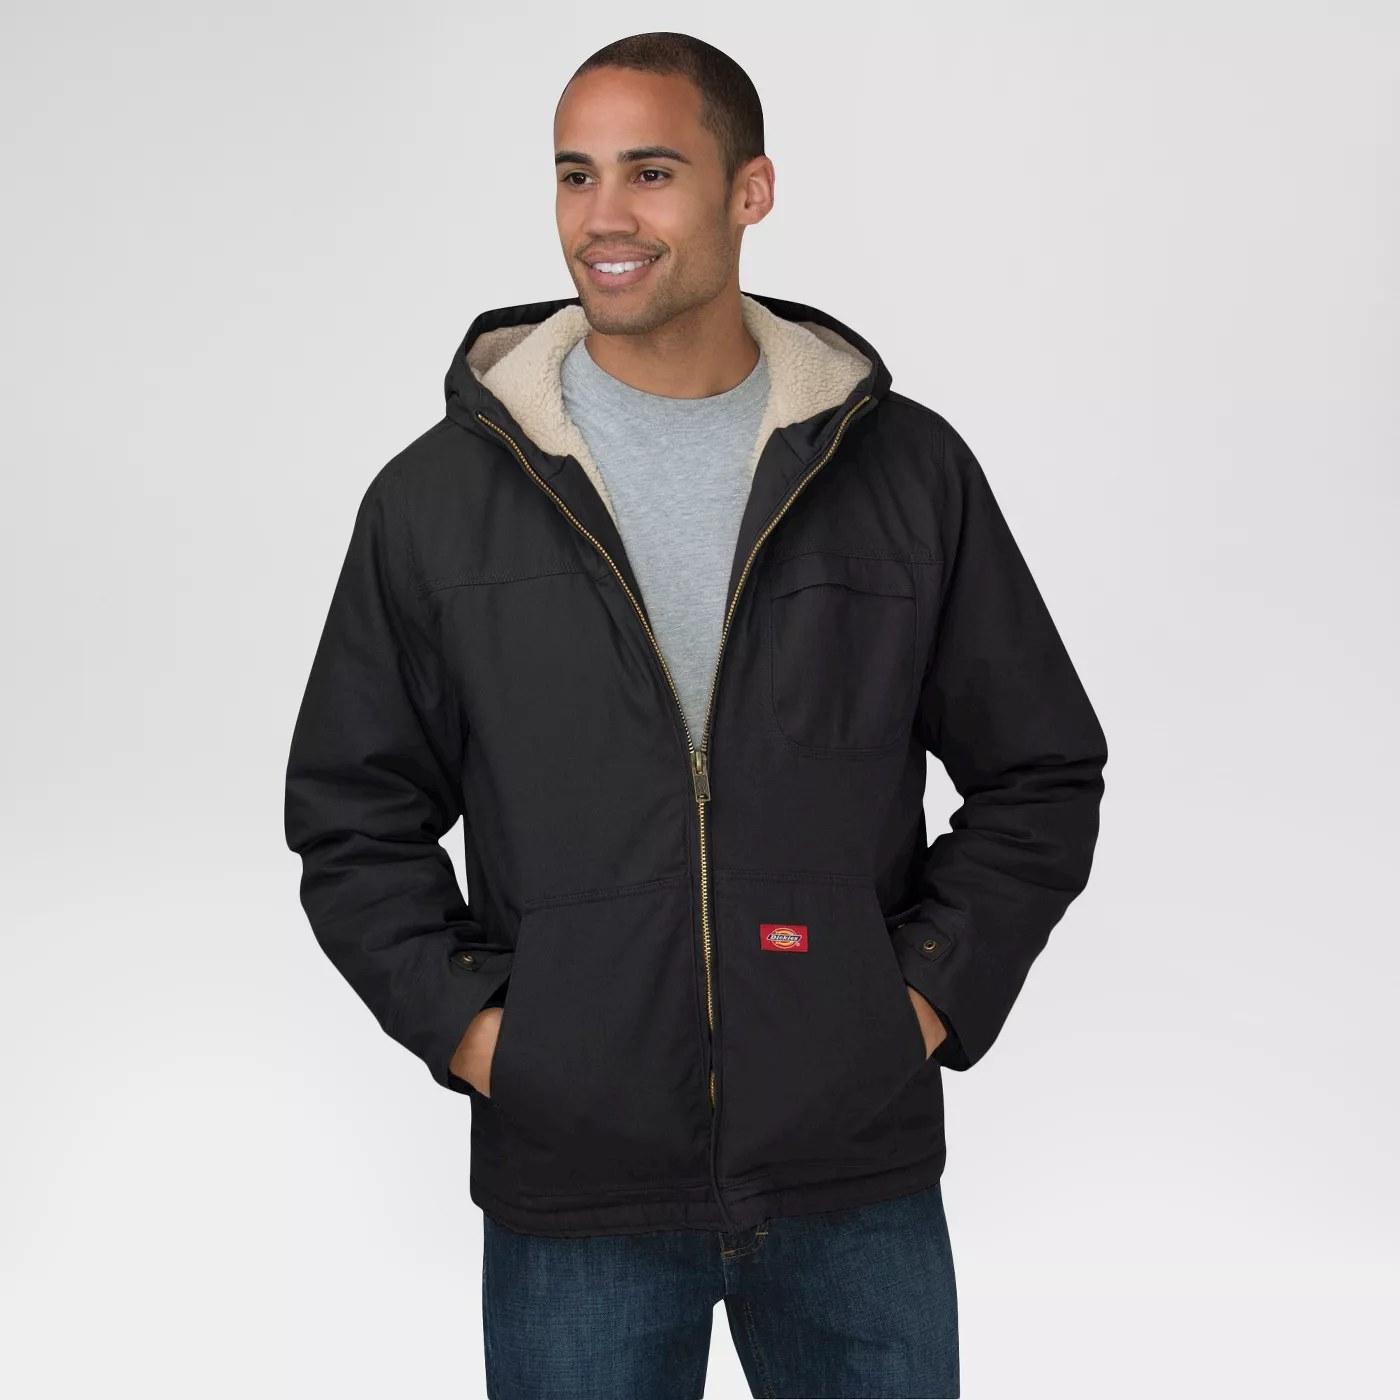 Black work jacket with hoodie